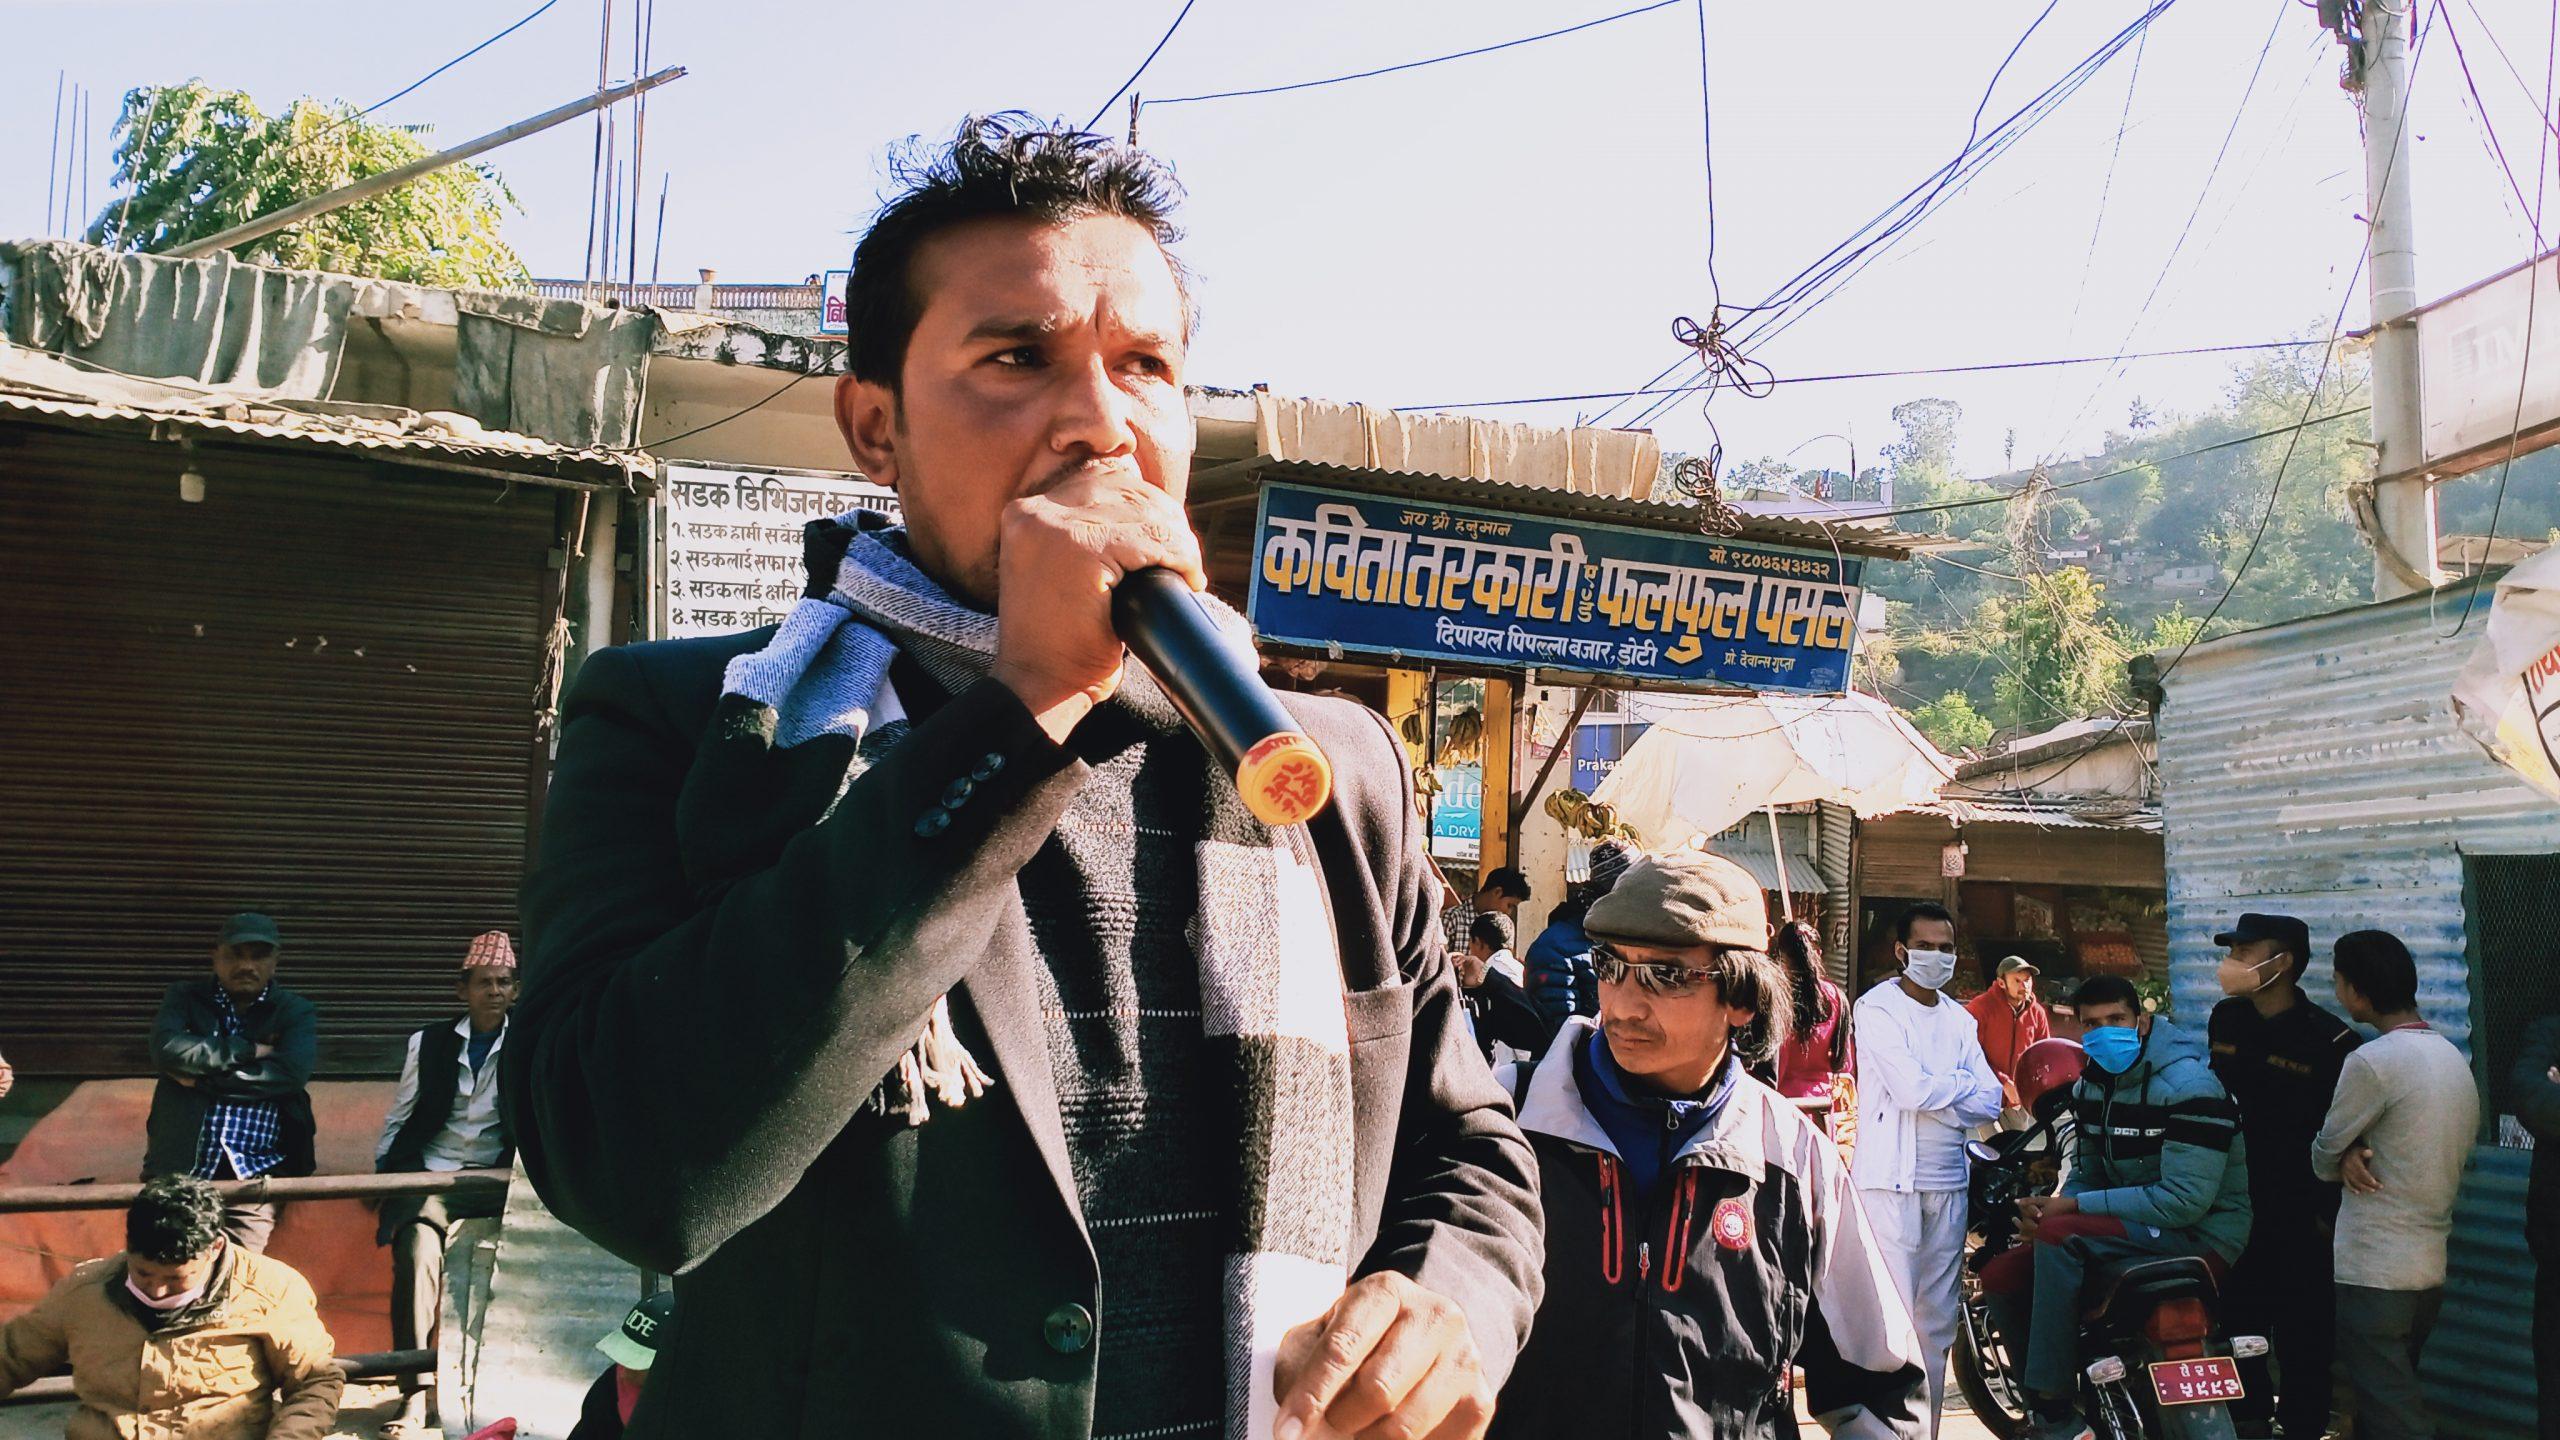 भारतले नेपालमा राजतन्त्र फर्काउने नाममा हिंसा भड्काउन खोज्यो : जनमोर्चा नेता योगी